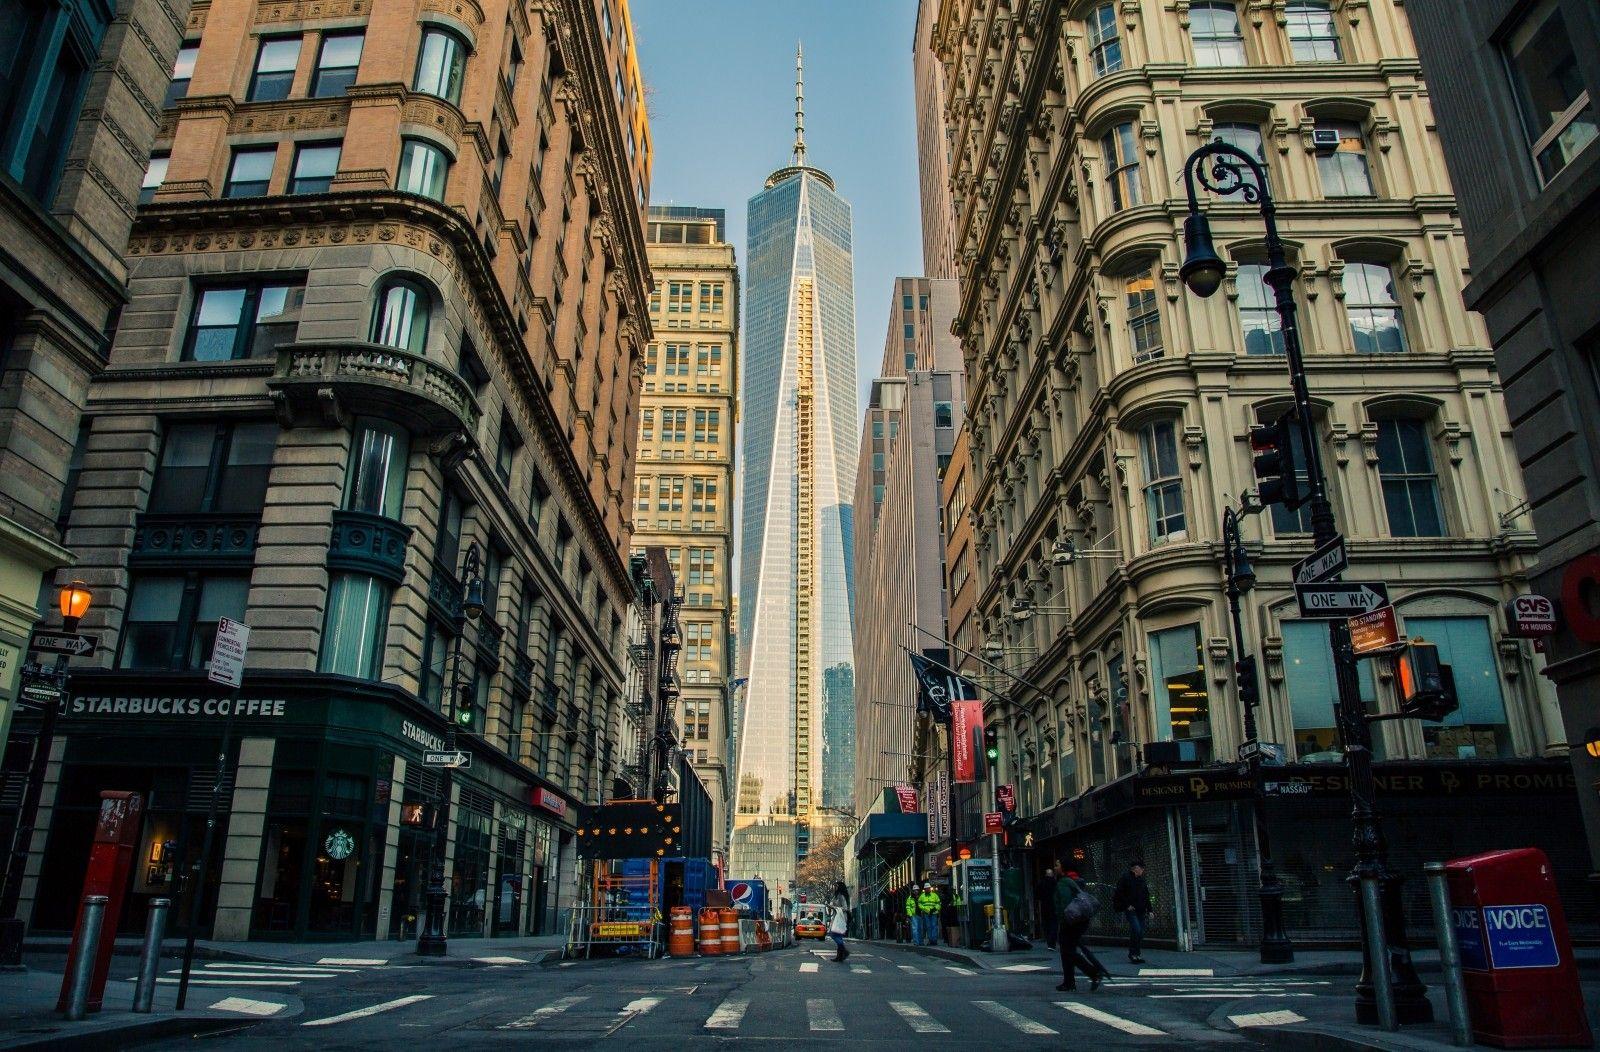 visão de rua nos Estados Unidos